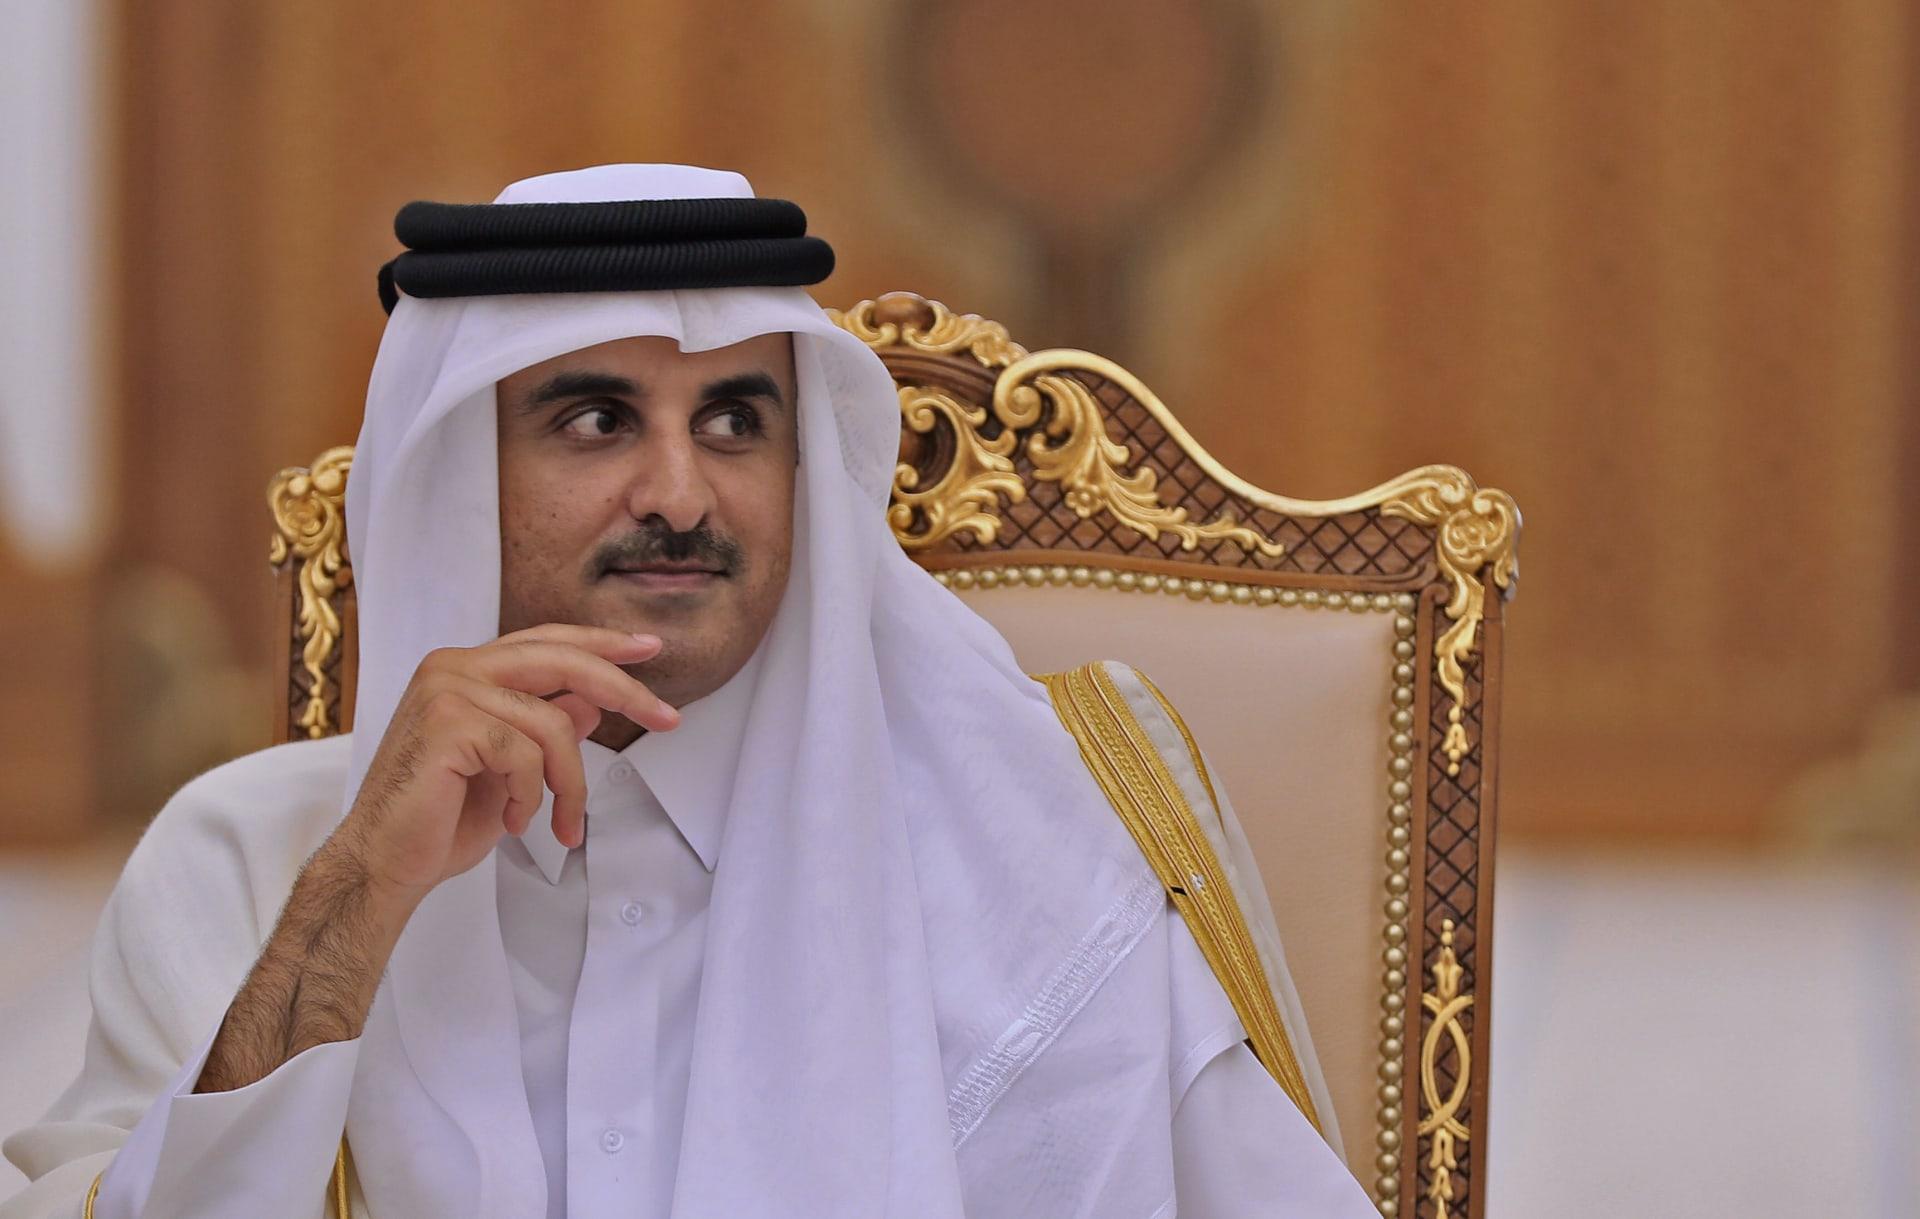 رسالة من العاهل السعودي لأمير قطر.. والدوحة تكشف ما جاء فيها